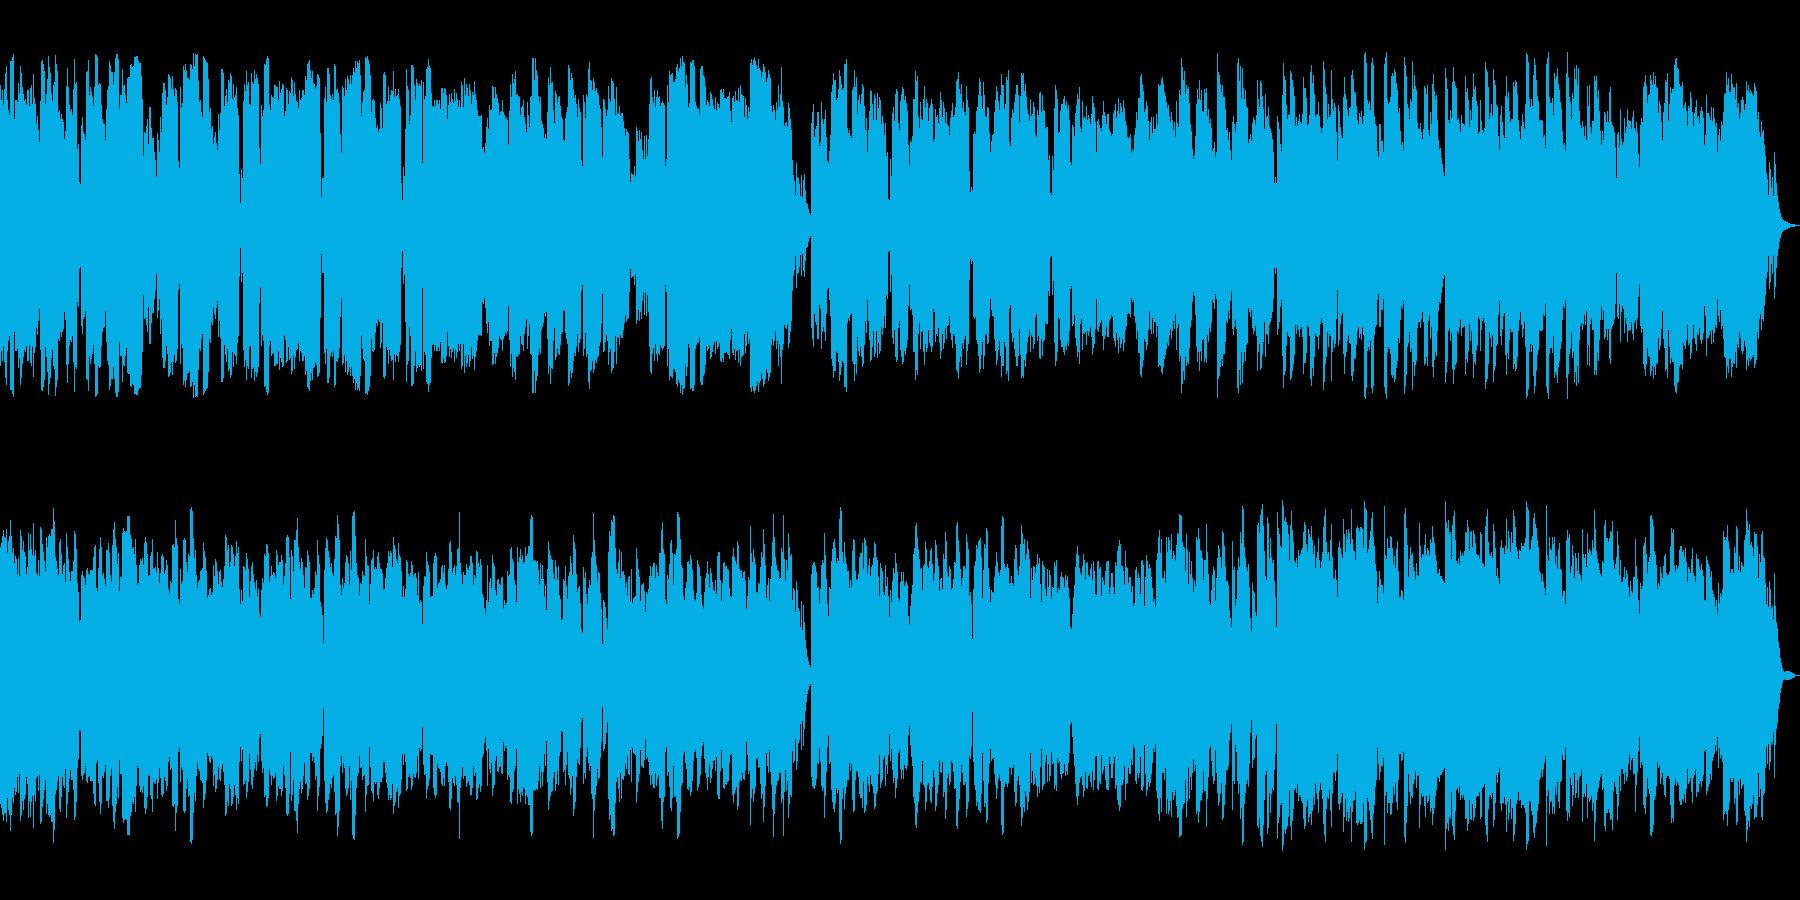 ピアノ管楽器による優しいメロディアス楽曲の再生済みの波形